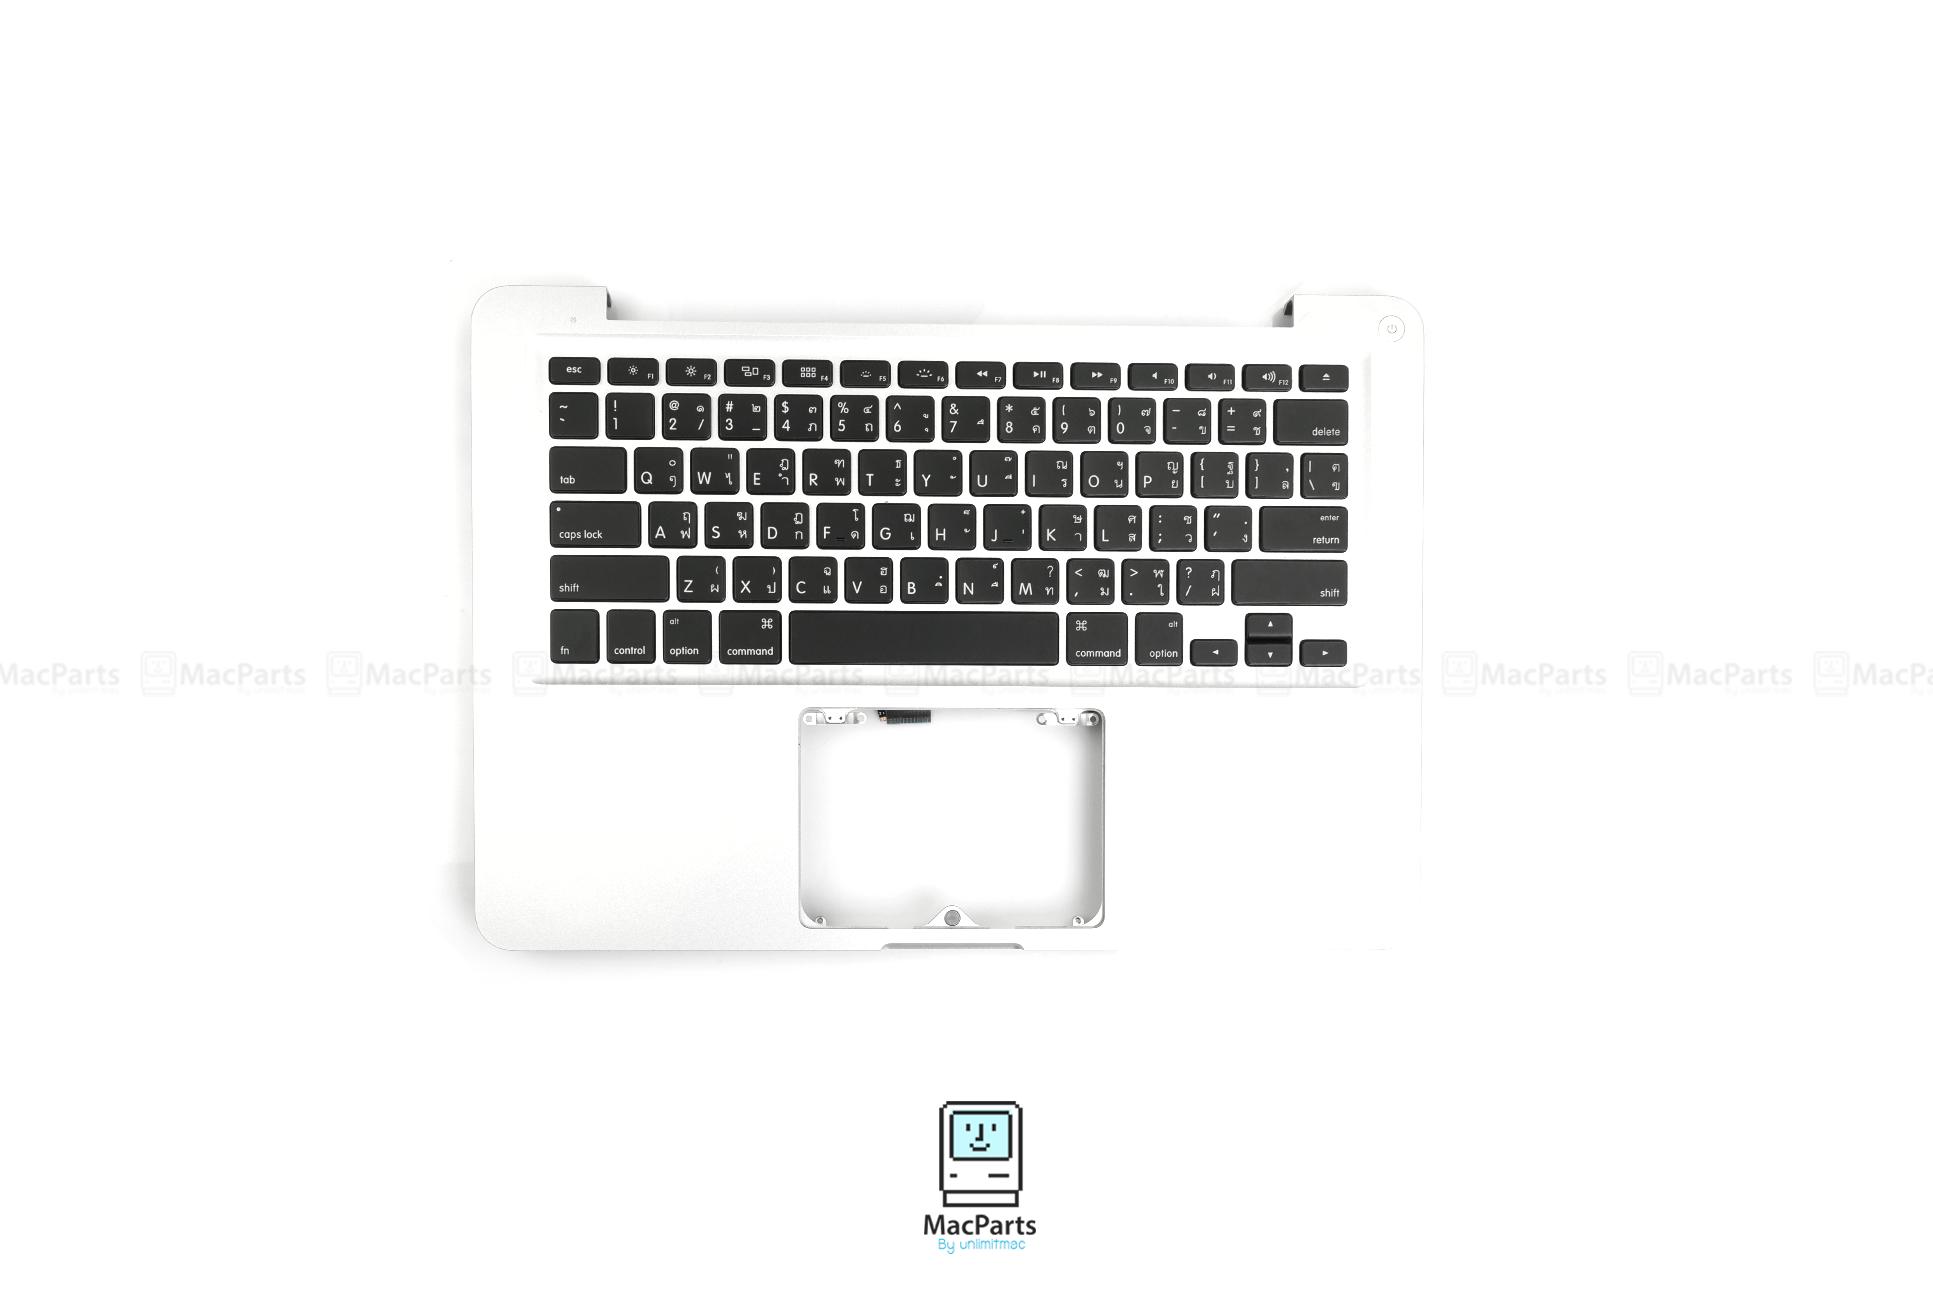 TH661-5857 TOP CASE W/KEYBOARD ASSY,W/O TP,BL-THA MacBook Pro (13-inch, Mid 2009)